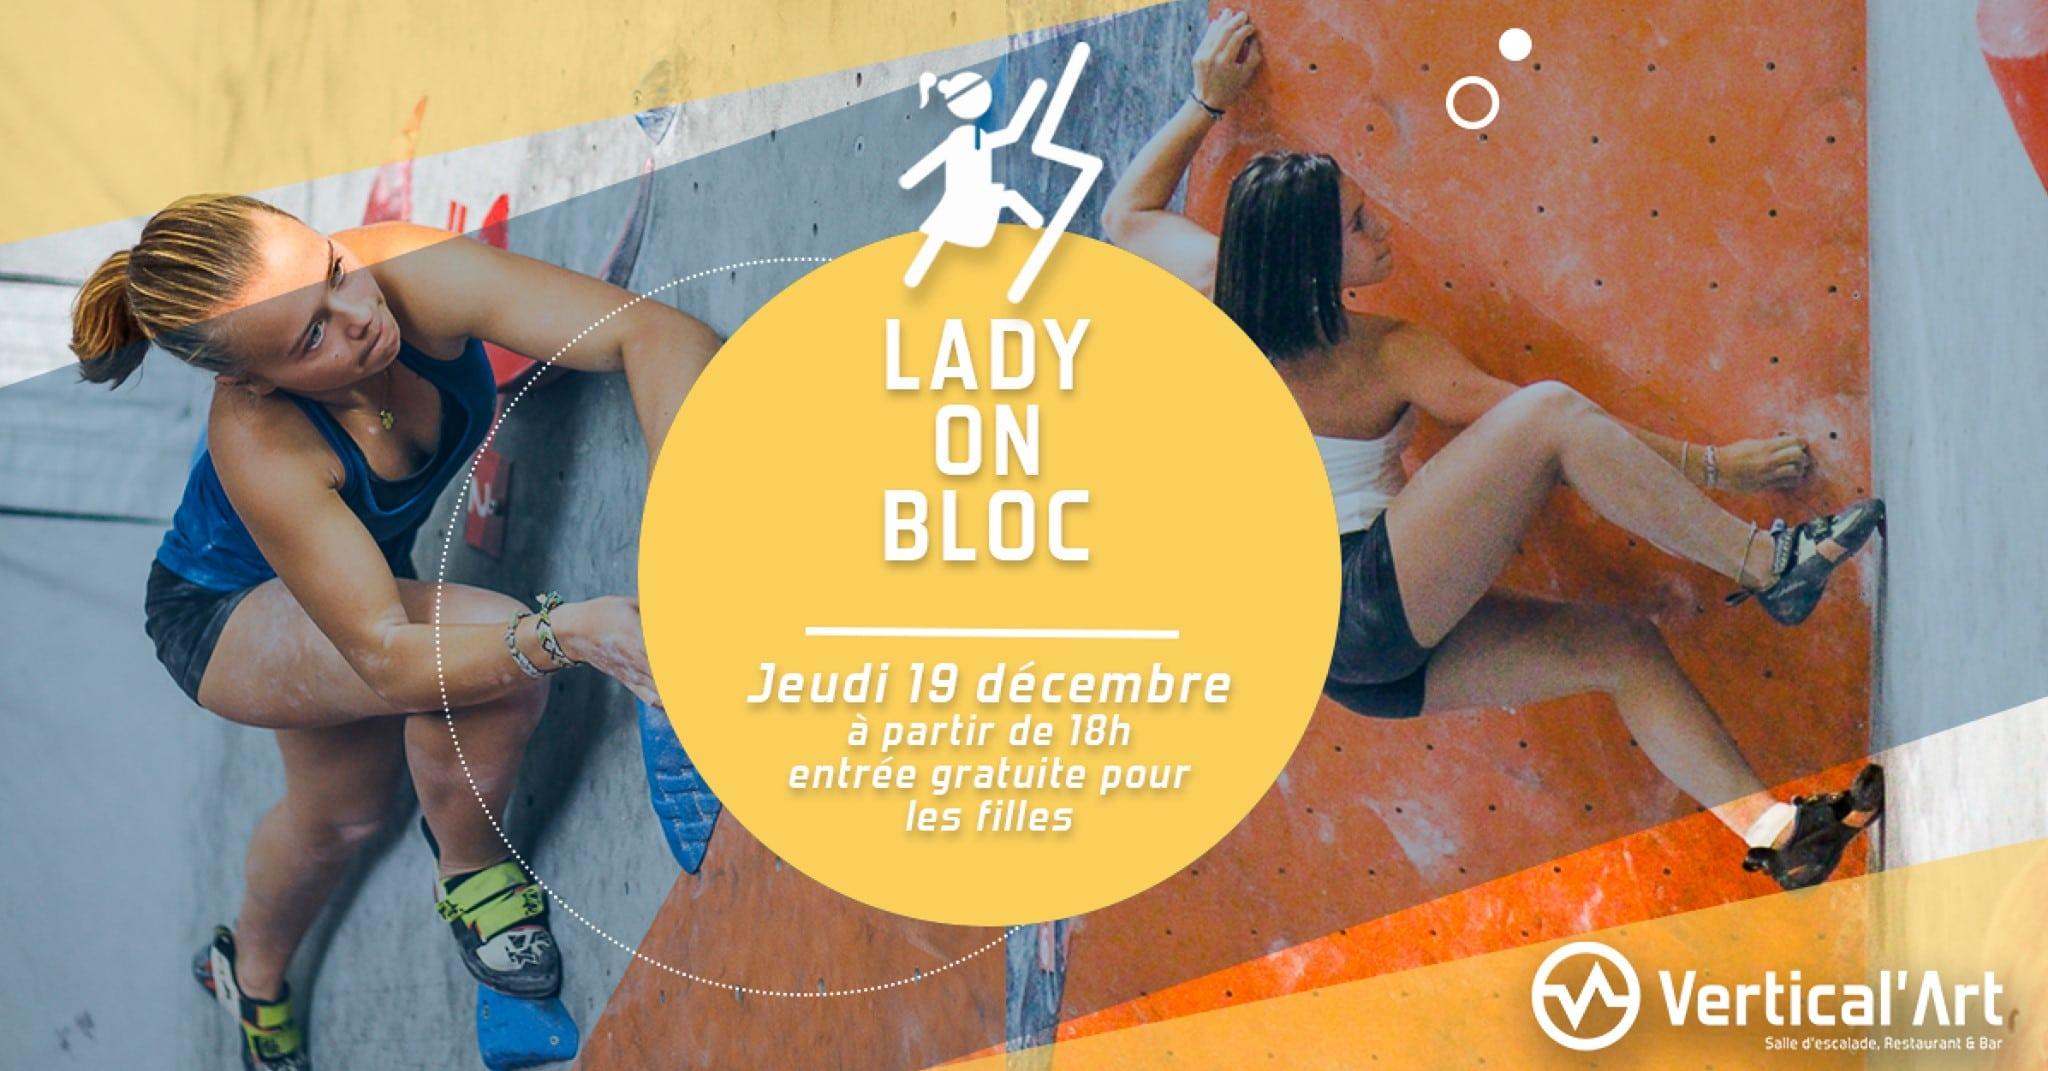 lady on bloc rungis - soirée fille à Vertical'Art Rungis - salle d'escalade de bloc - restaurant et bar - entrée gratuite pour les femmes